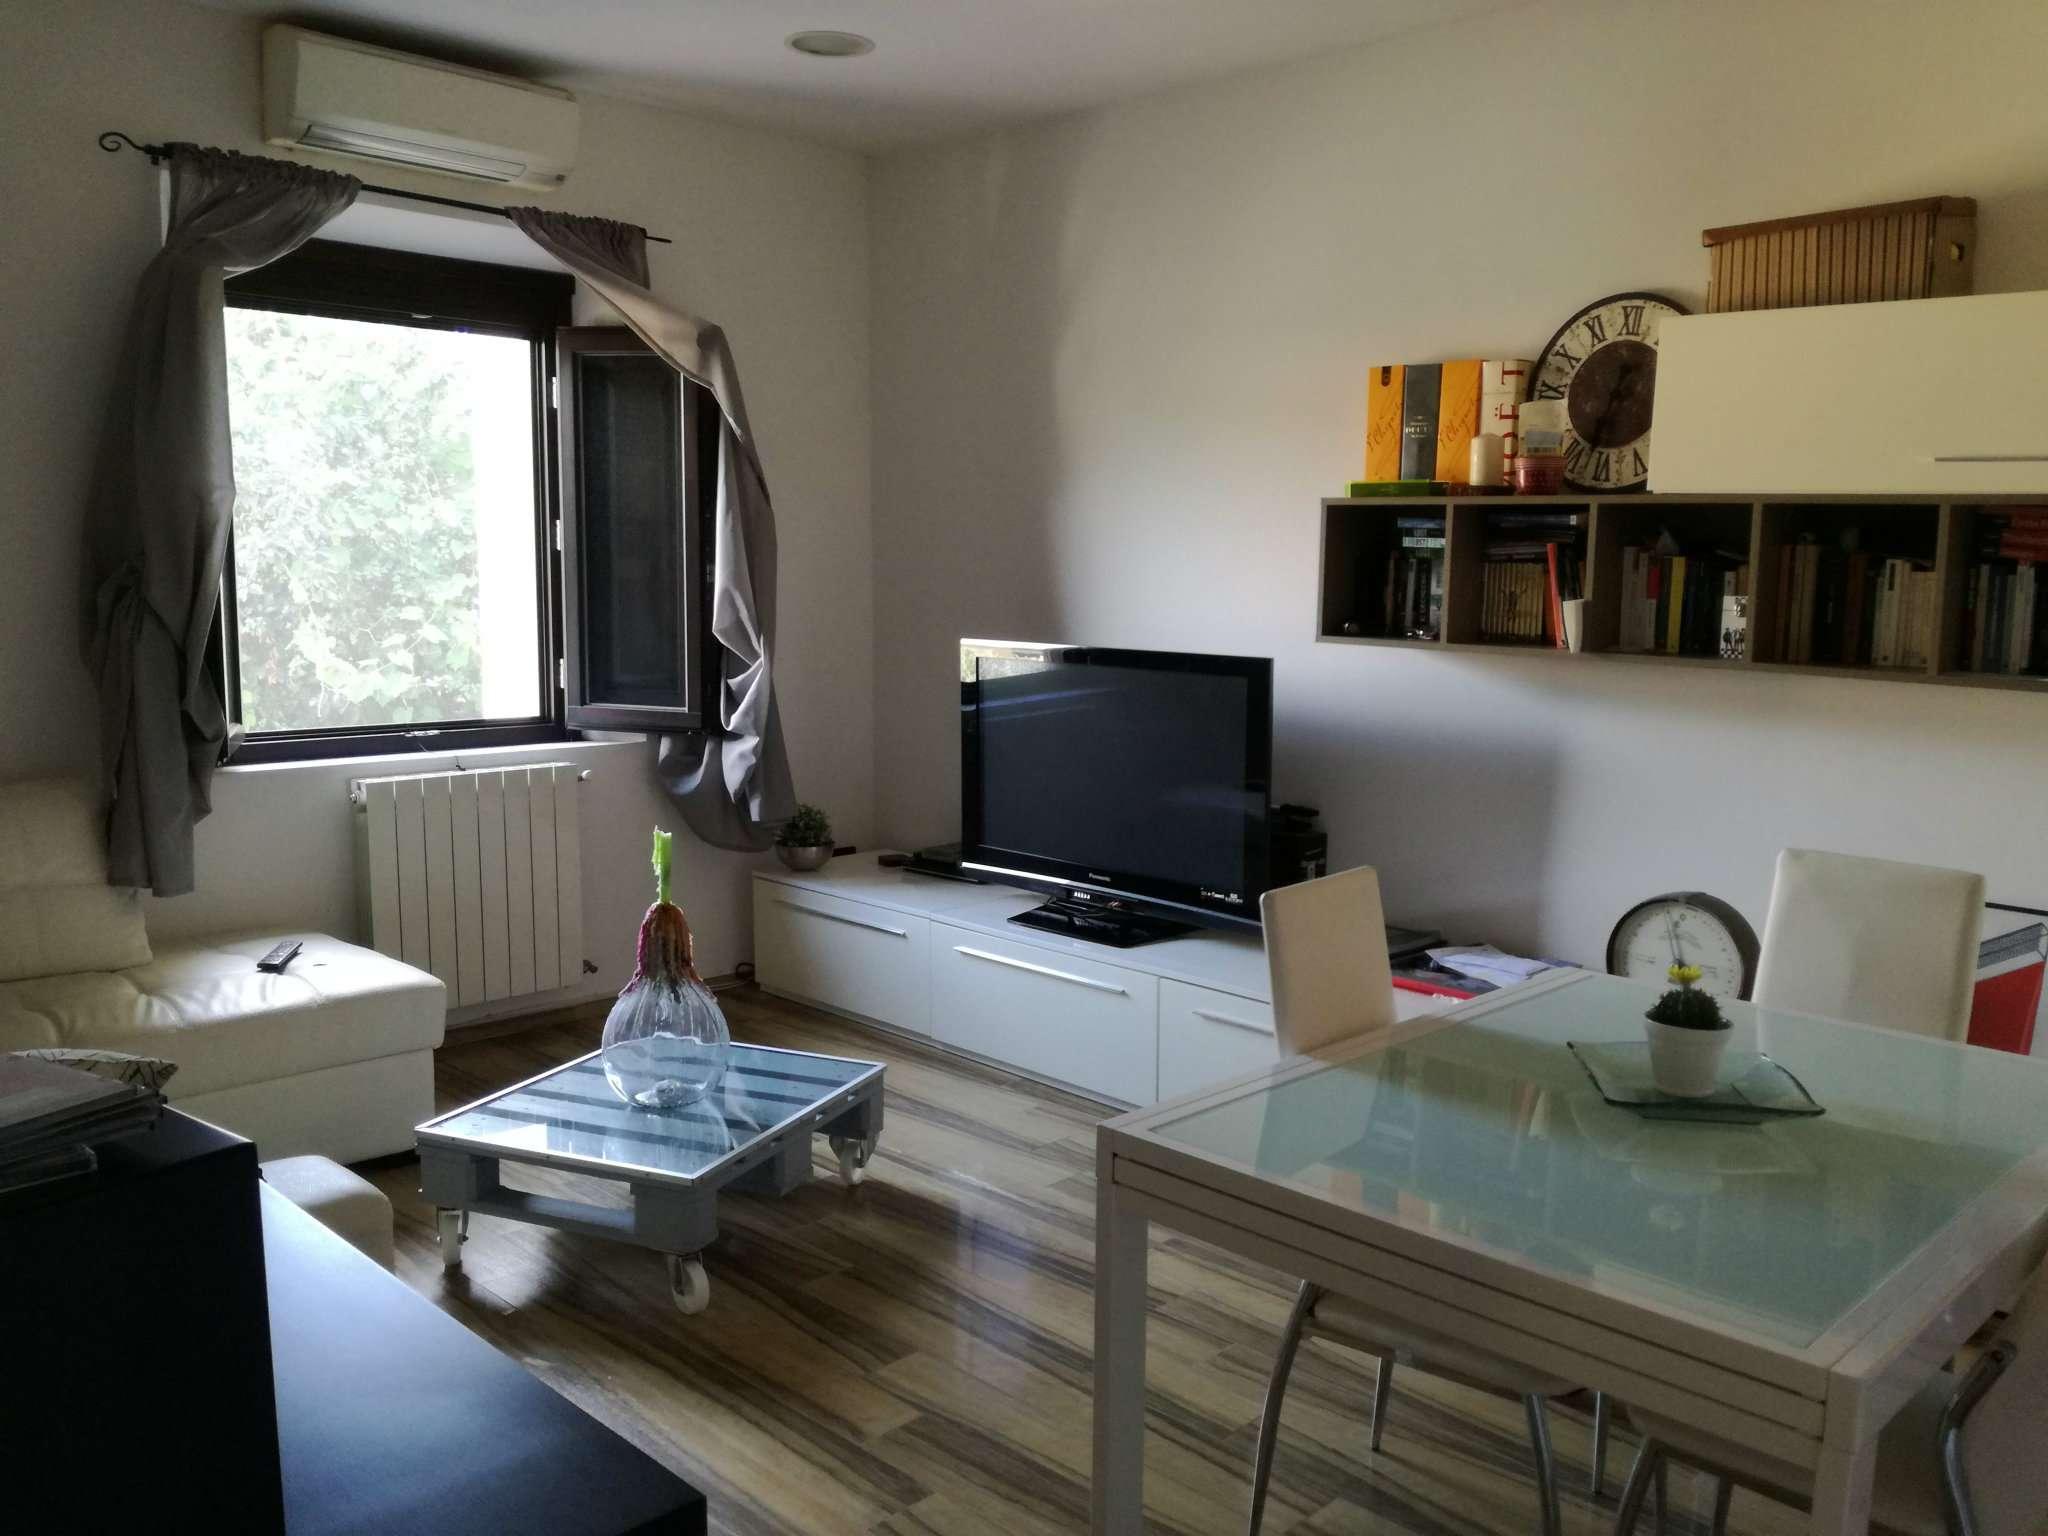 Appartamento in vendita a Livorno, 2 locali, prezzo € 135.000 | CambioCasa.it